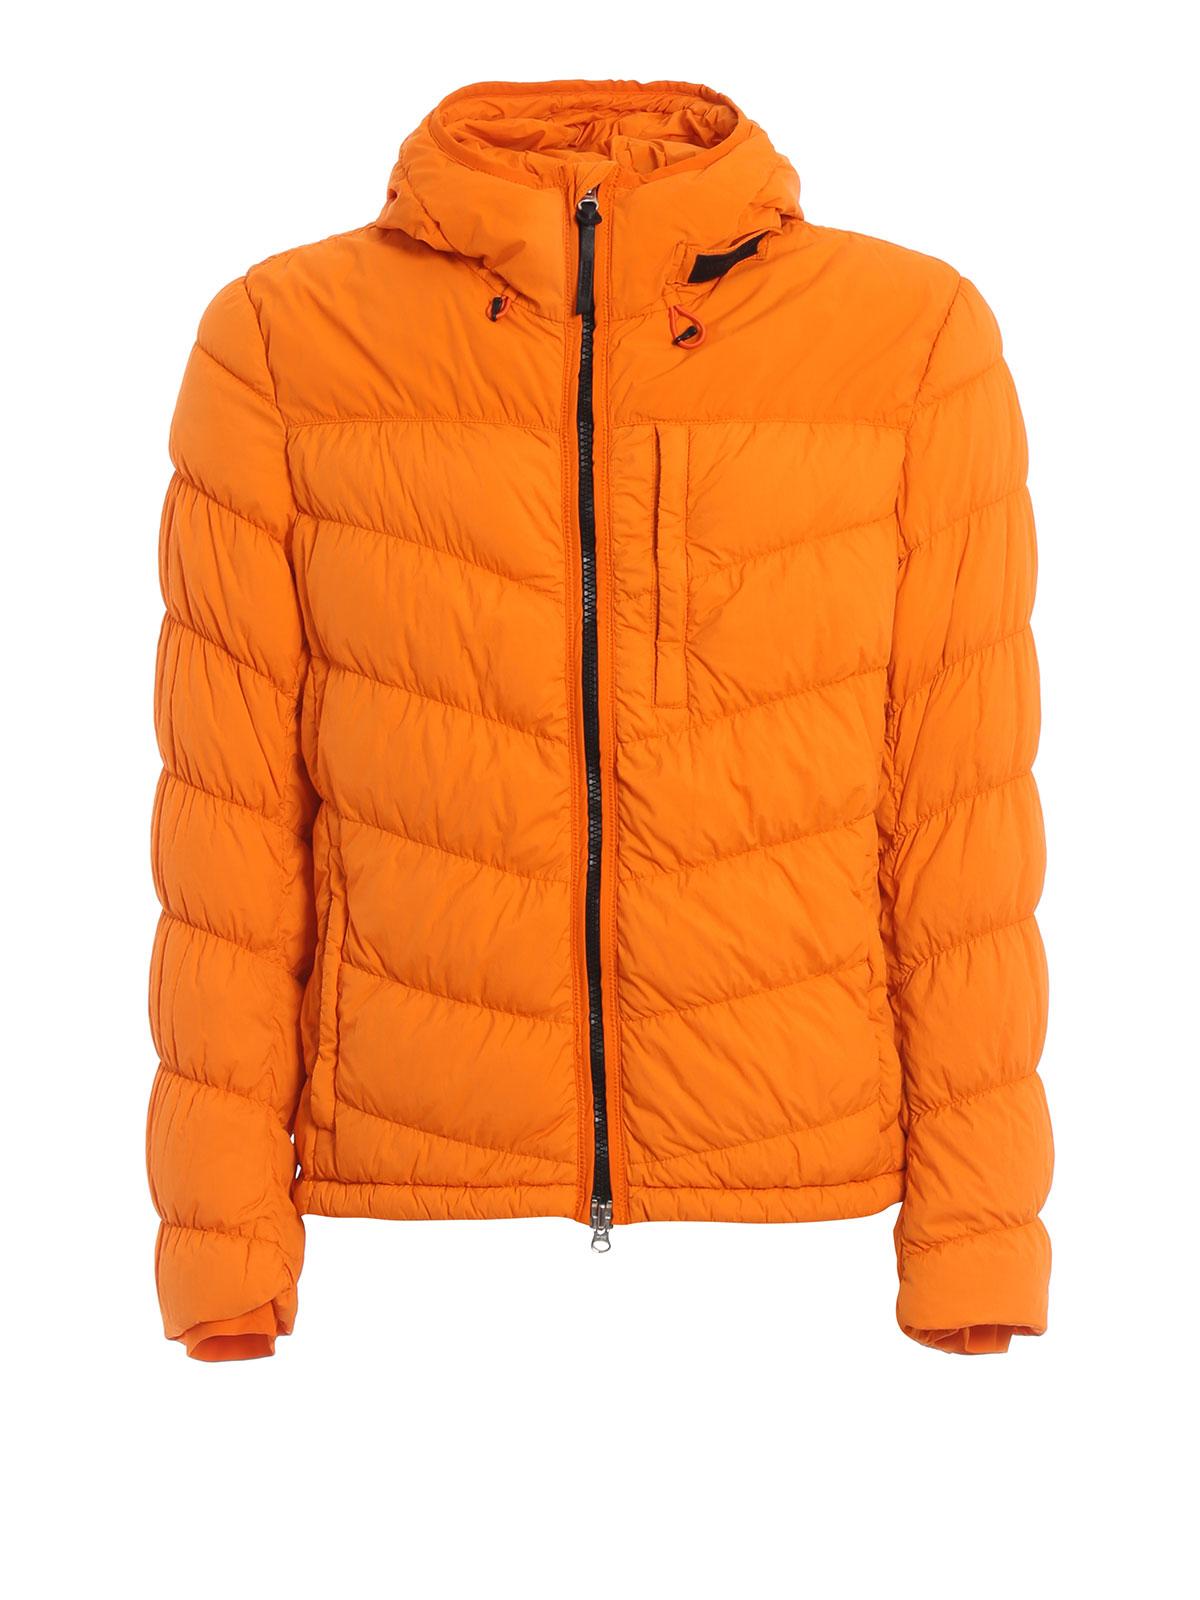 Woolrich Daunenjacke Orange Kurze Daunenjacken